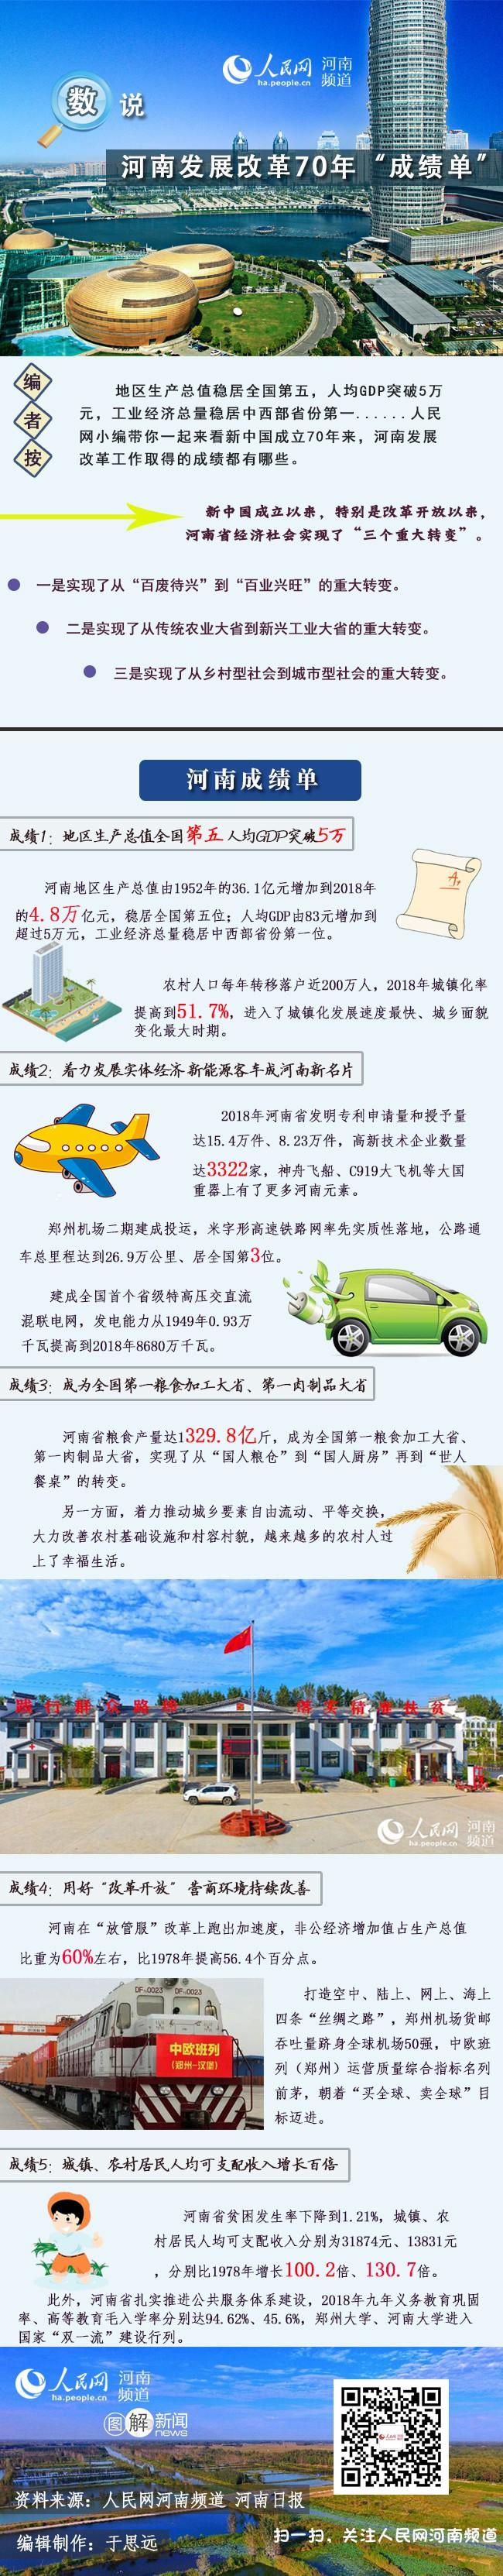 """河南发展改革70年""""成绩单""""出炉:人均GDP突破5万元"""